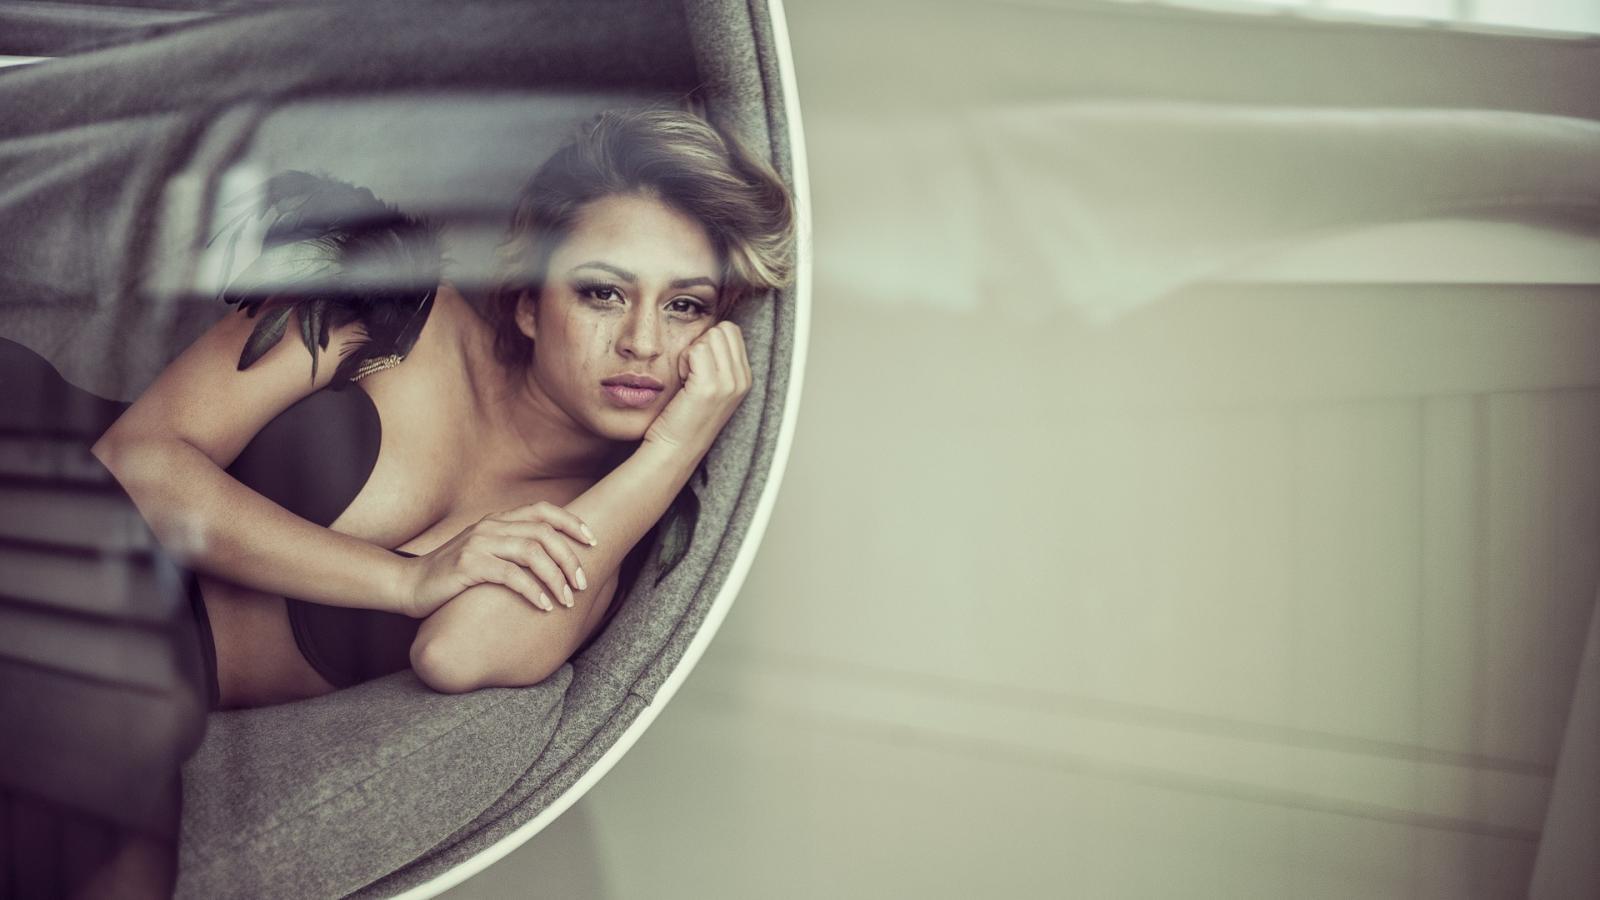 Непроивольн й оргазм